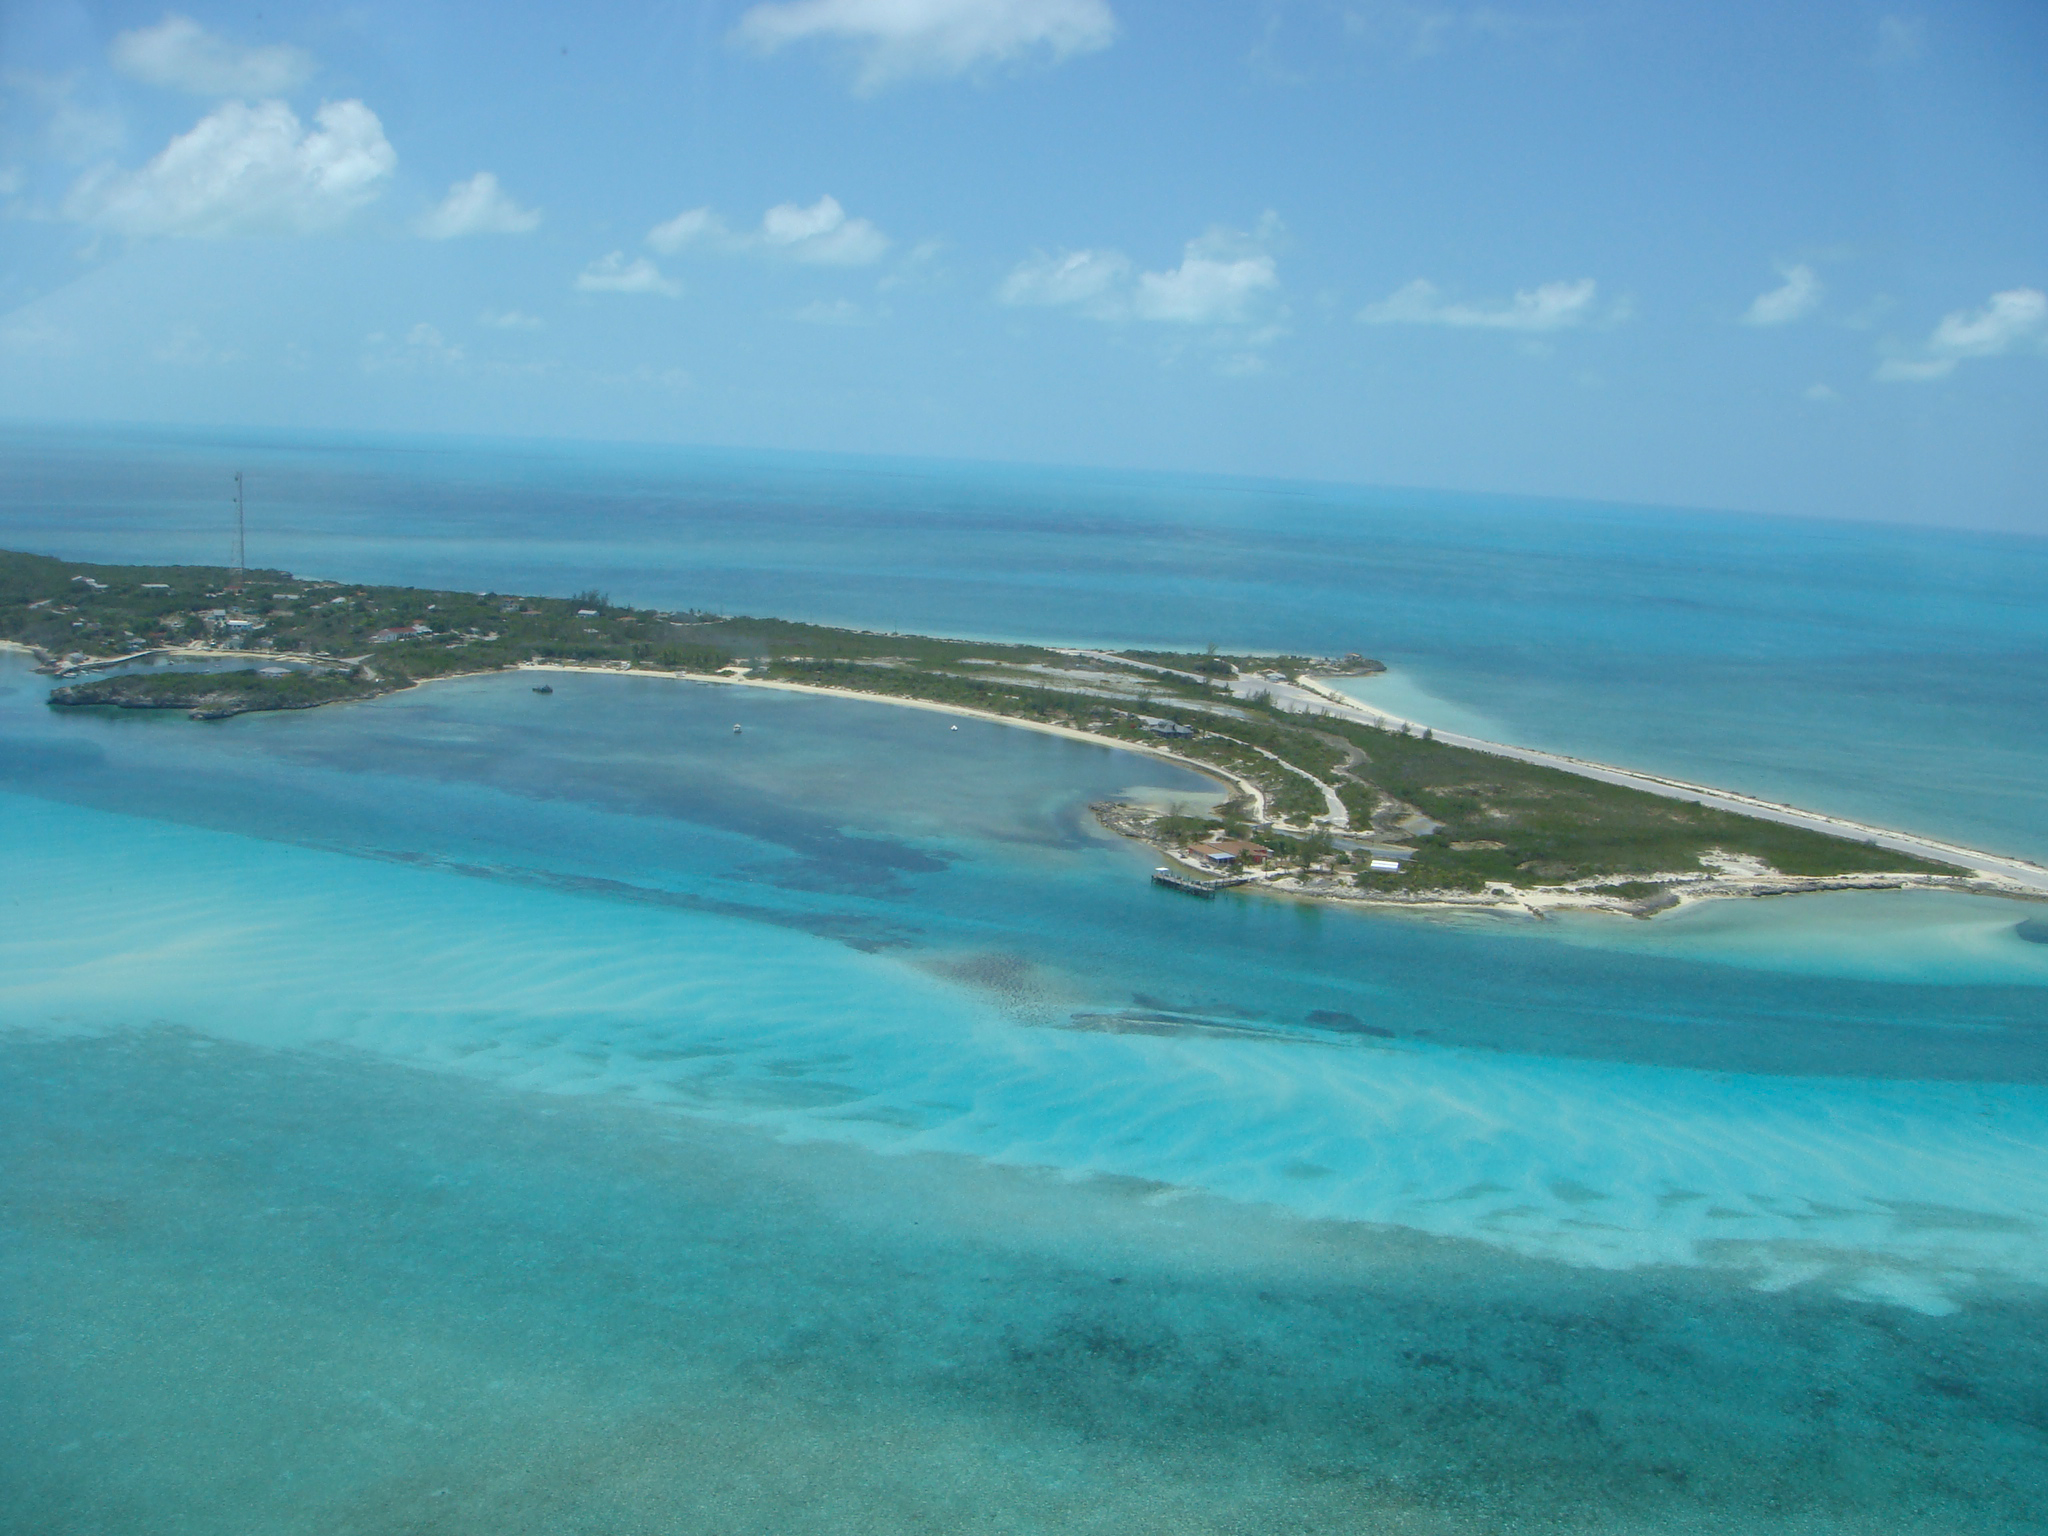 Land for Sale at 1 Acre of Beachfront Property in Exuma Big Farmers Cay, Exuma Cays, Exuma Bahamas